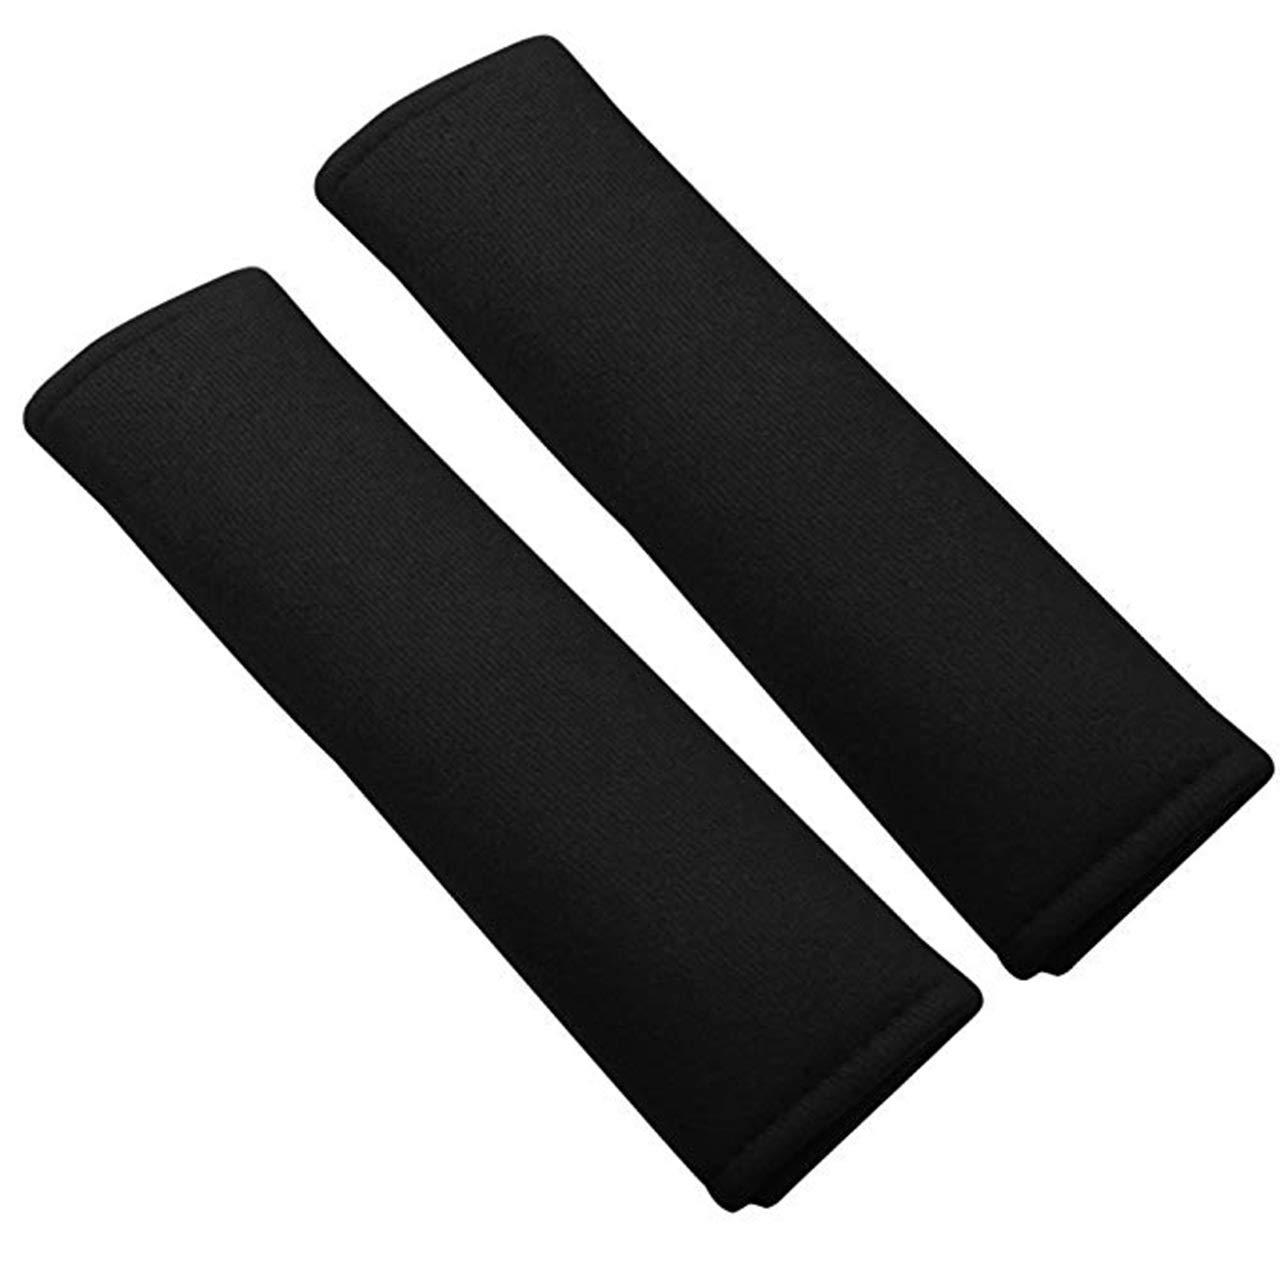 Style : Red Dibiao 1 Par Suave Asiento Del Coche Cintur/ón Almohadillas Almohadillas Confort Arn/és de Seguridad Cintur/ón Mate Cintur/ón de Seguridad Mochila Coj/ín